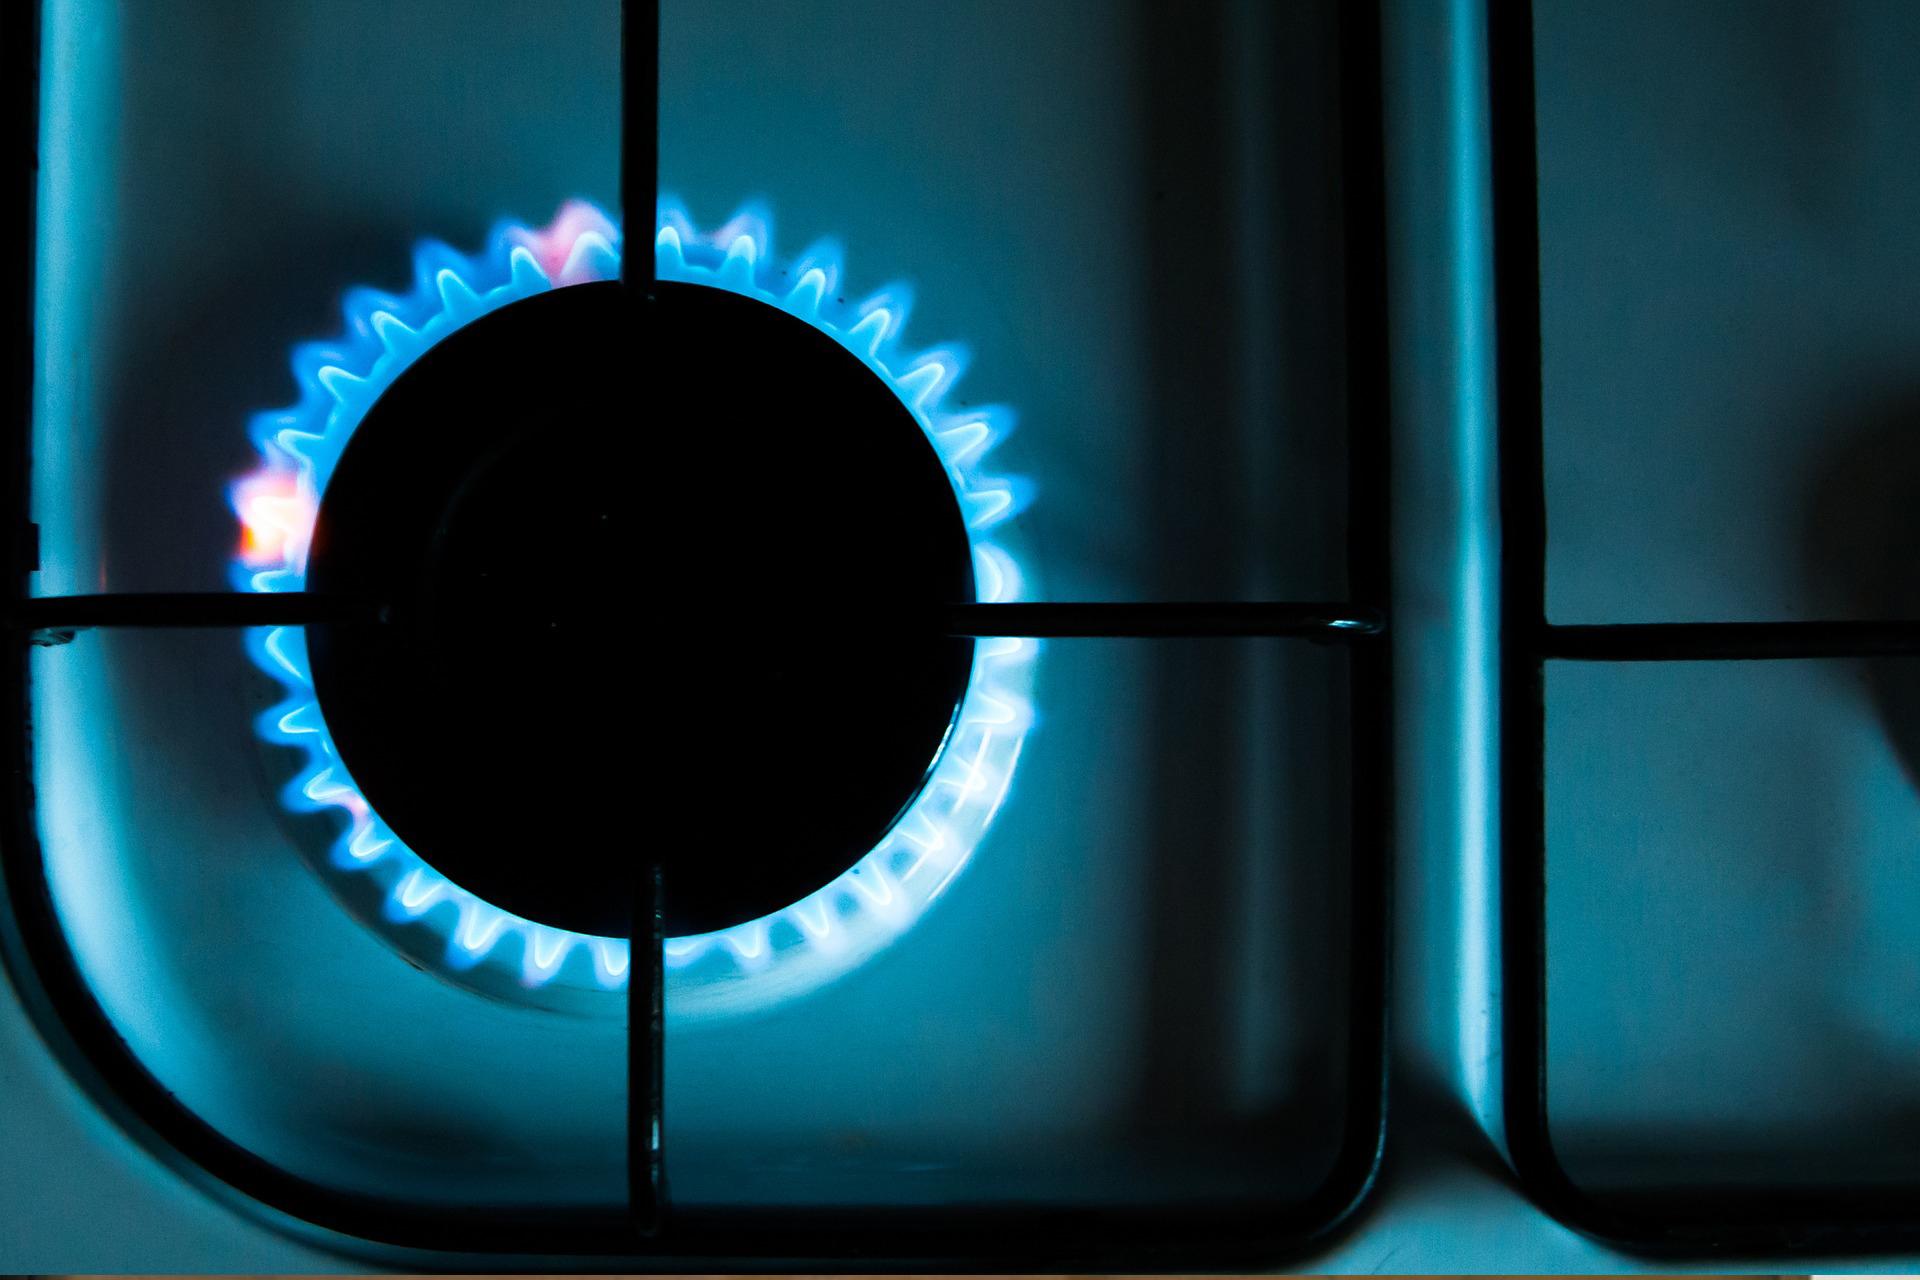 Artefactos a gas: consejos de seguridad para su correcto uso